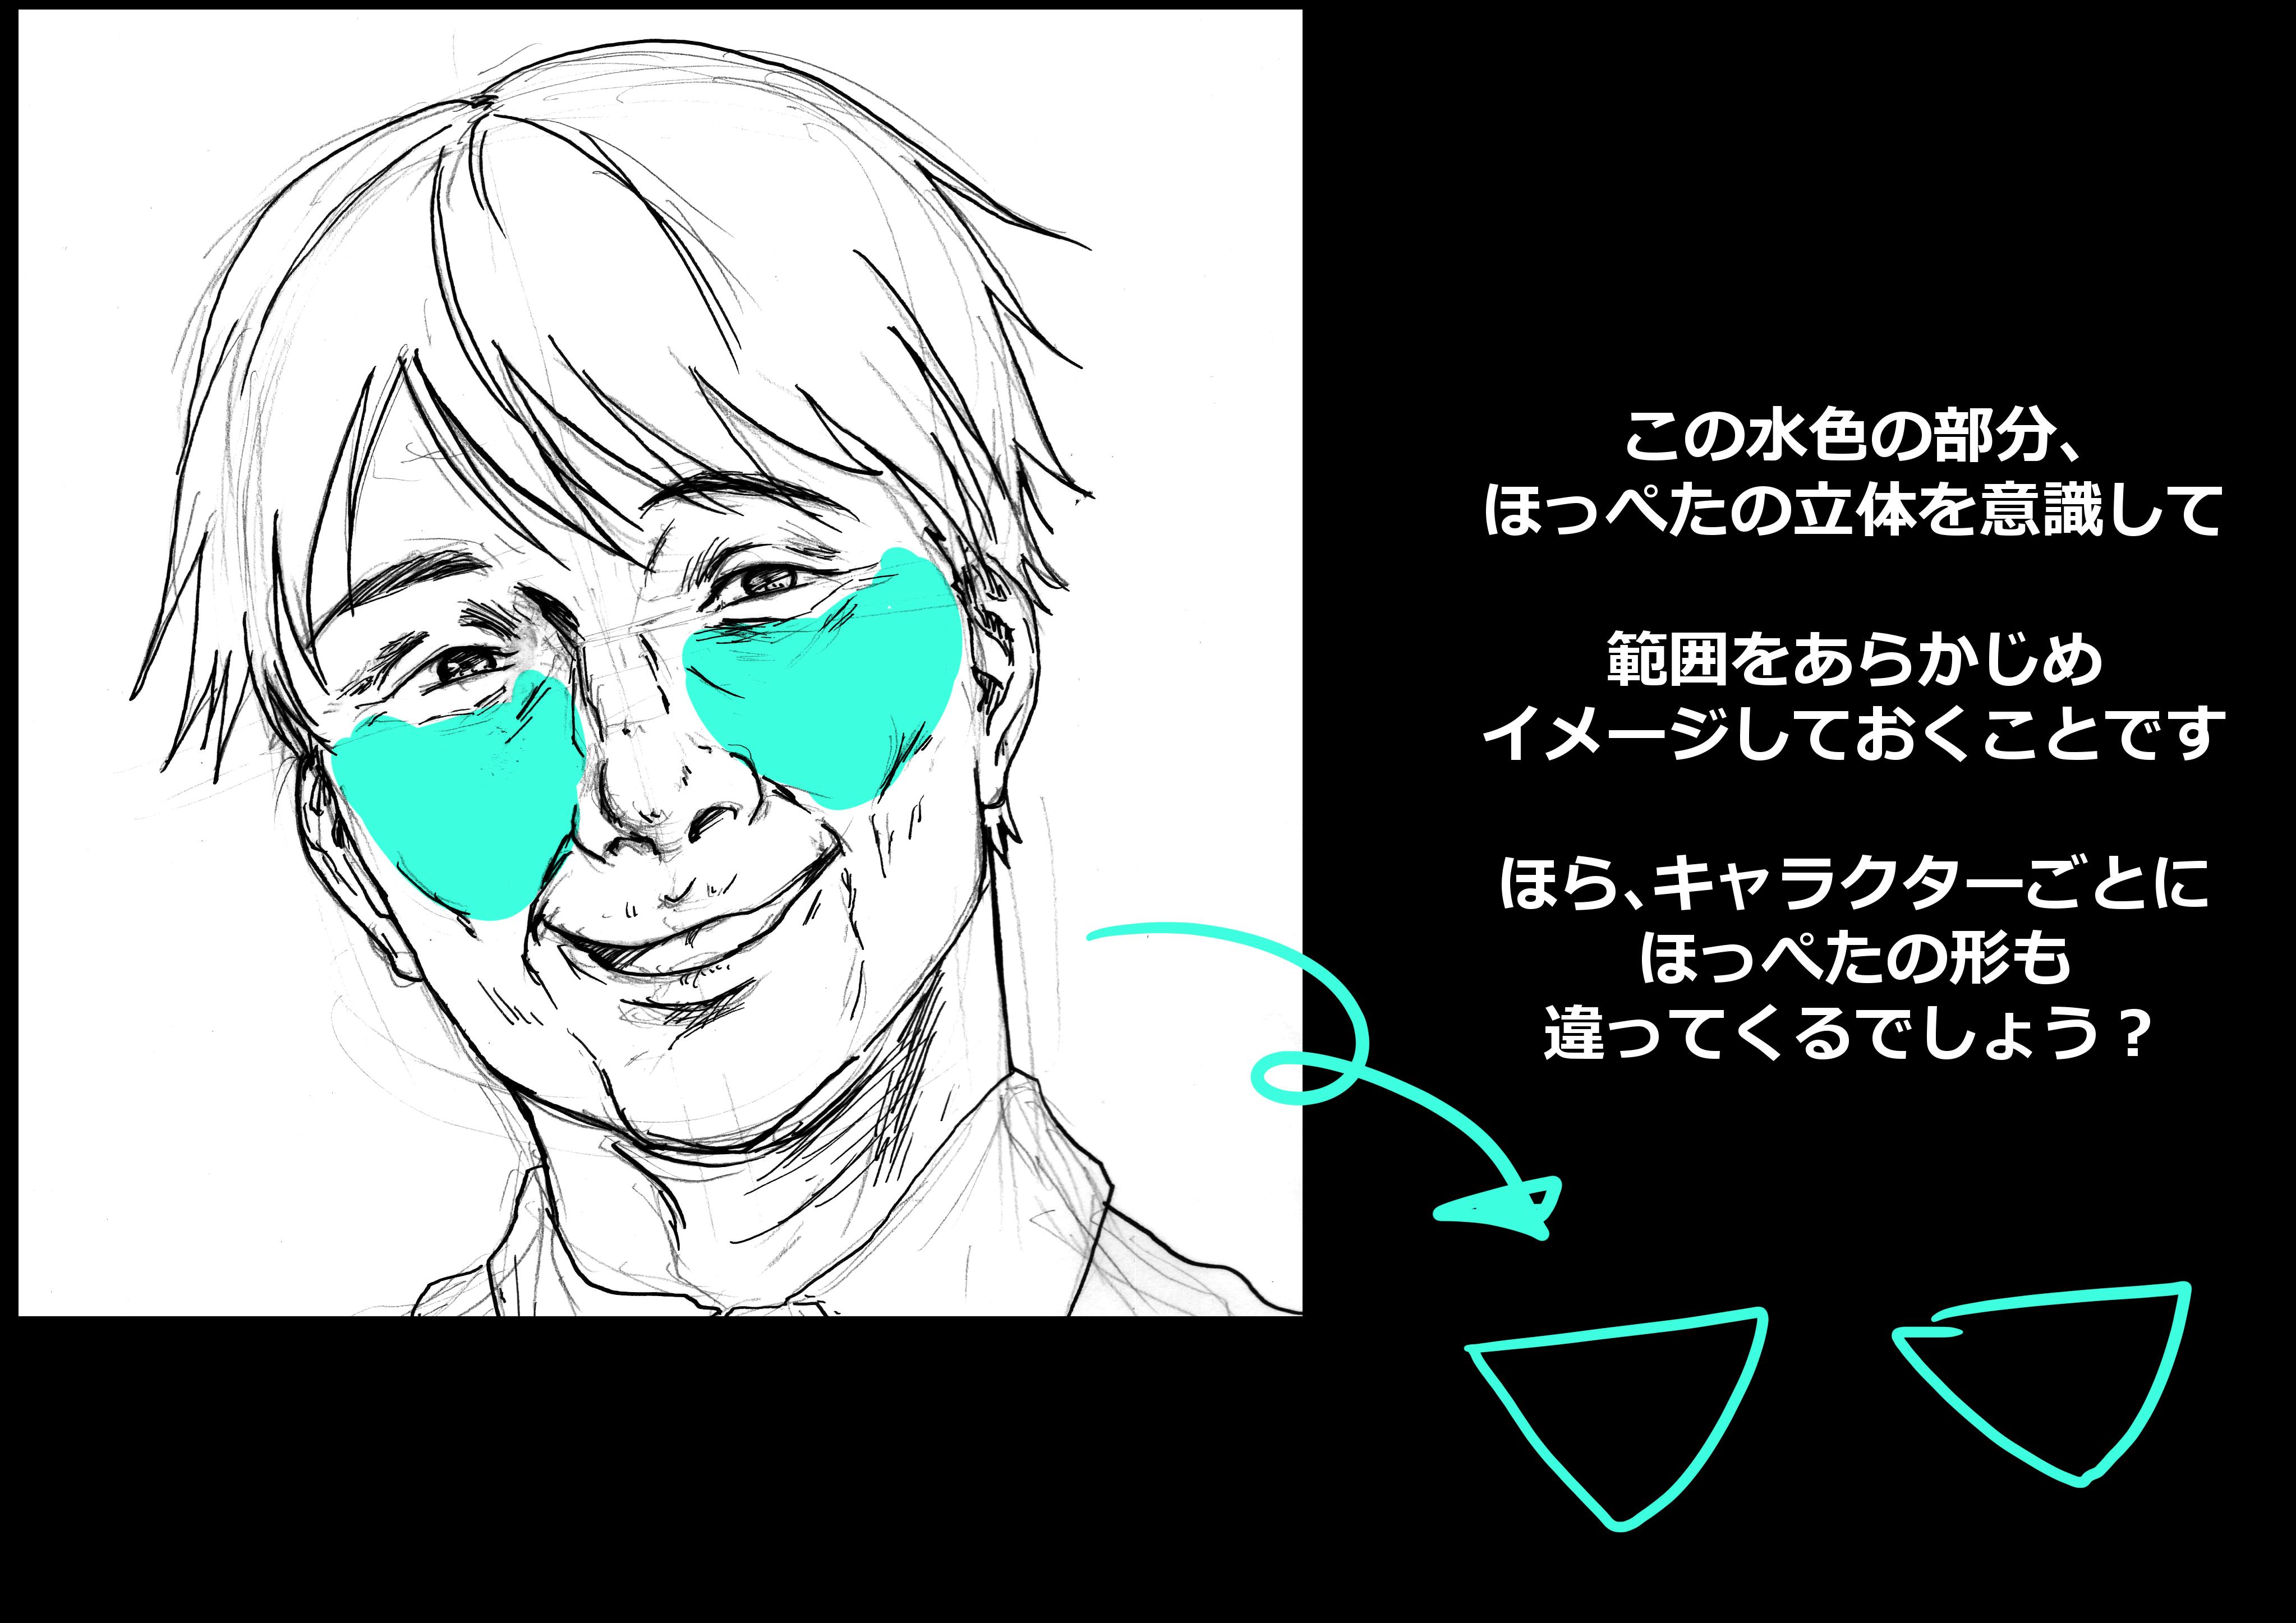 20170703025750260.jpg